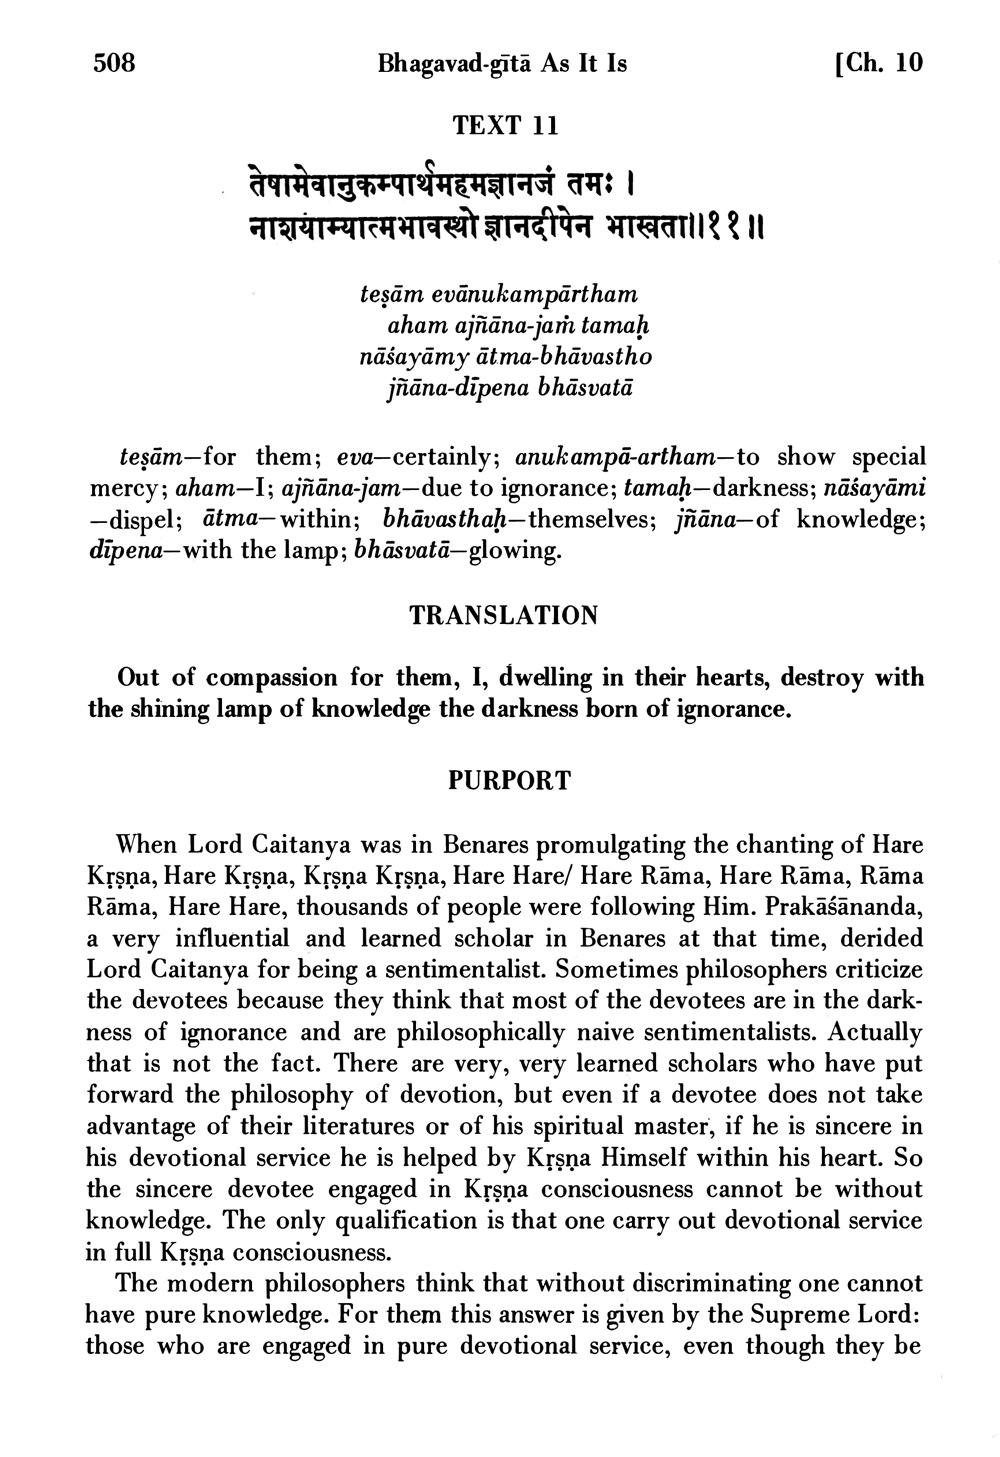 jewel meaning in malayalam